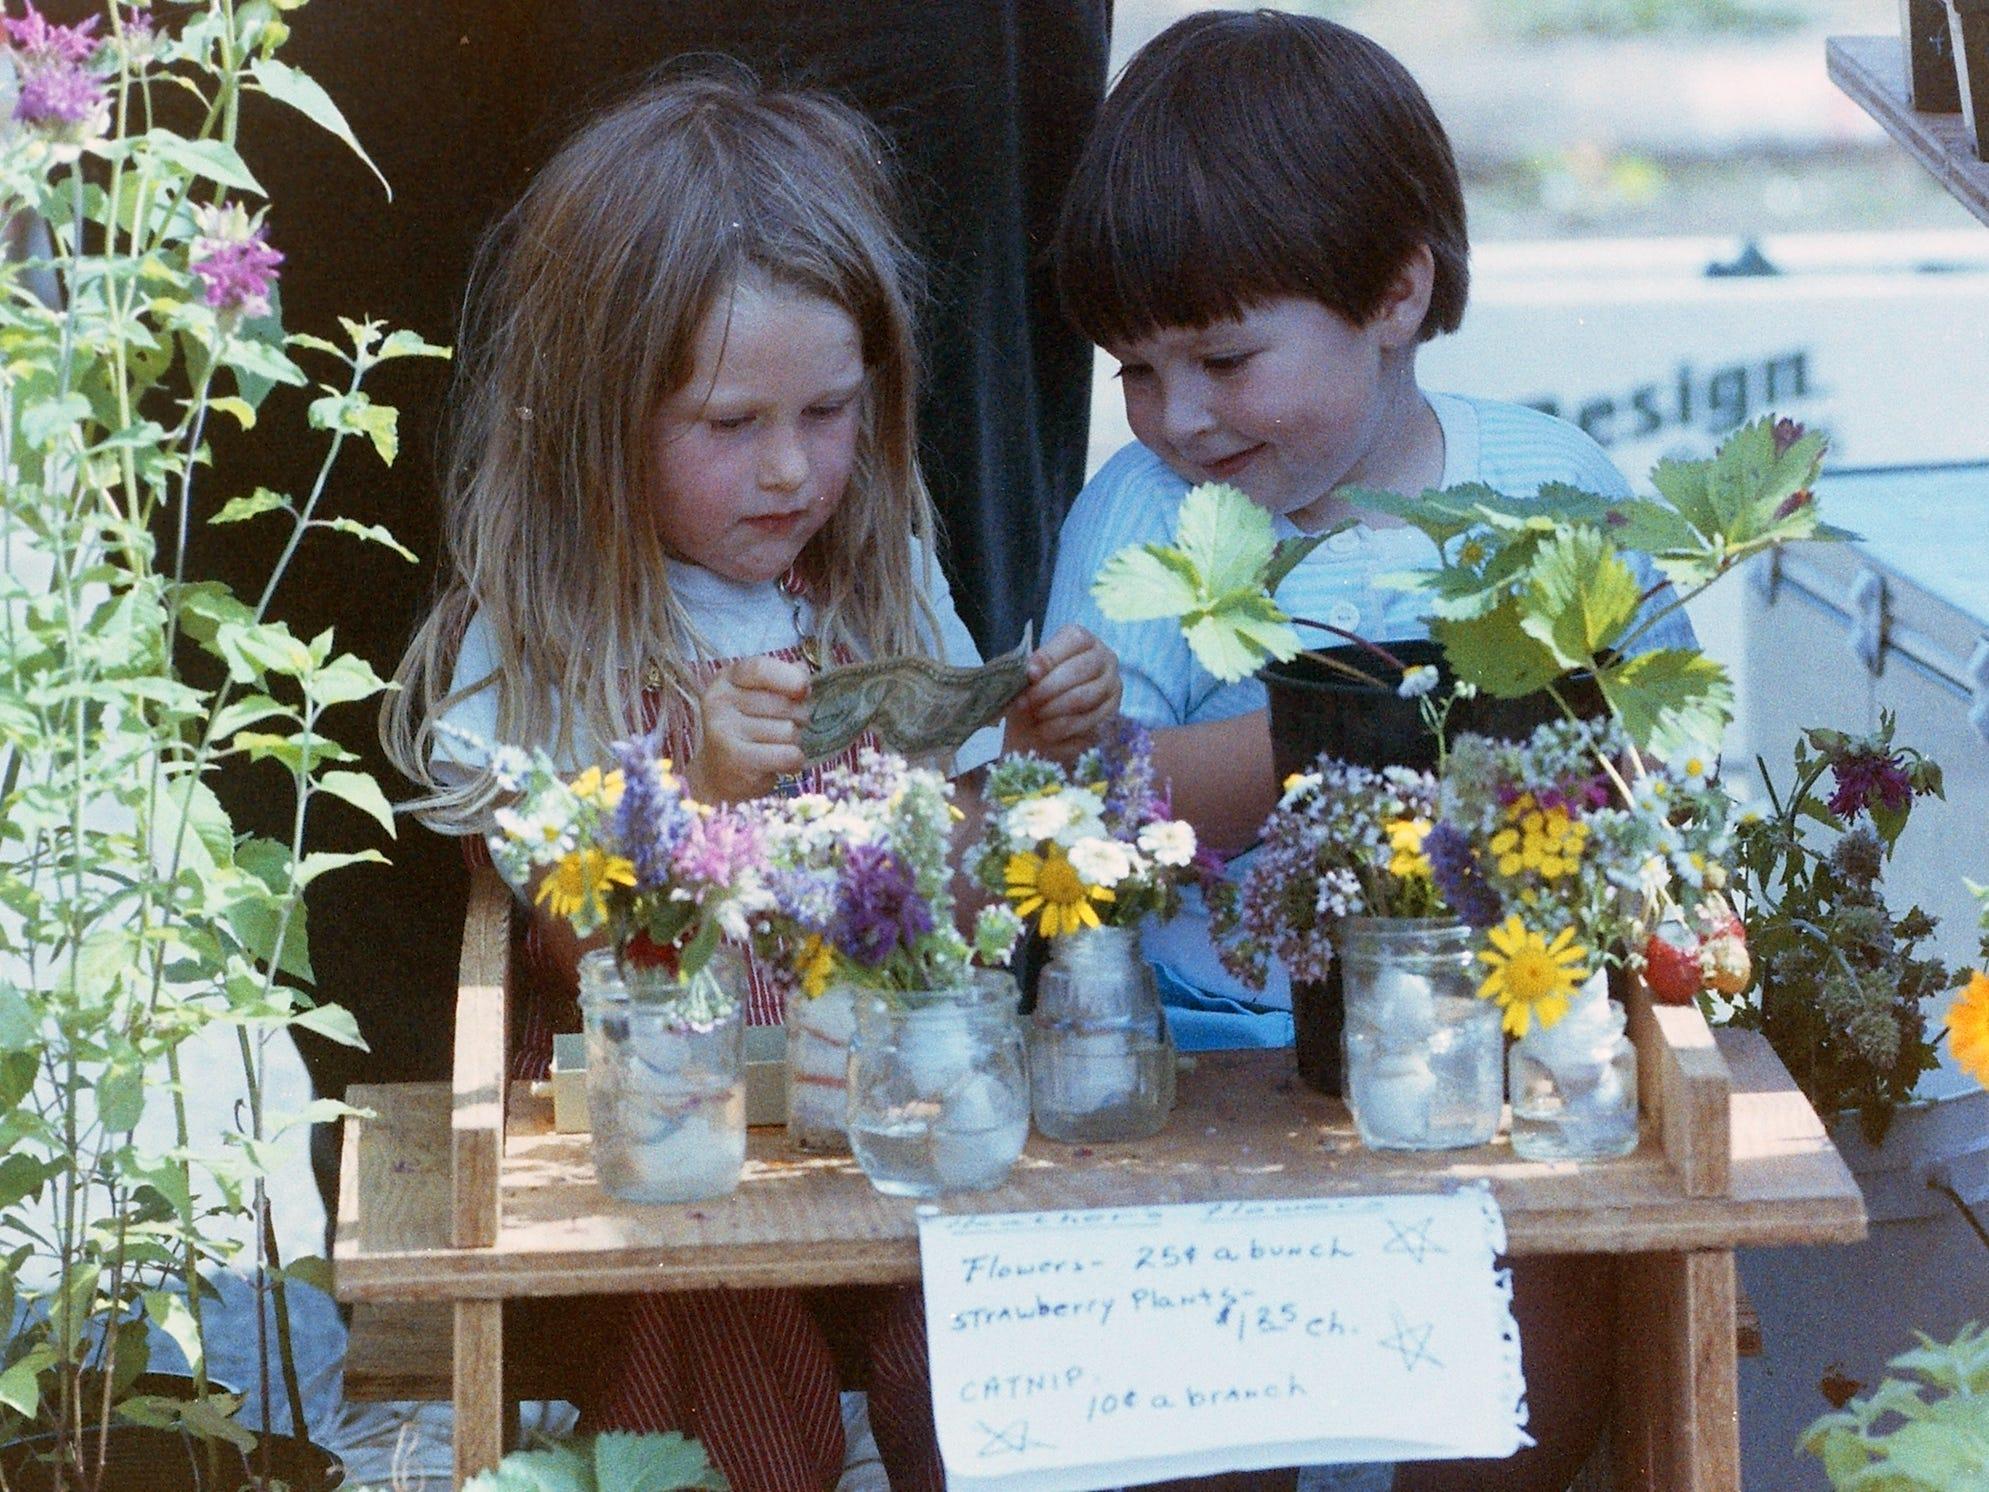 08/12/91Farmers Market